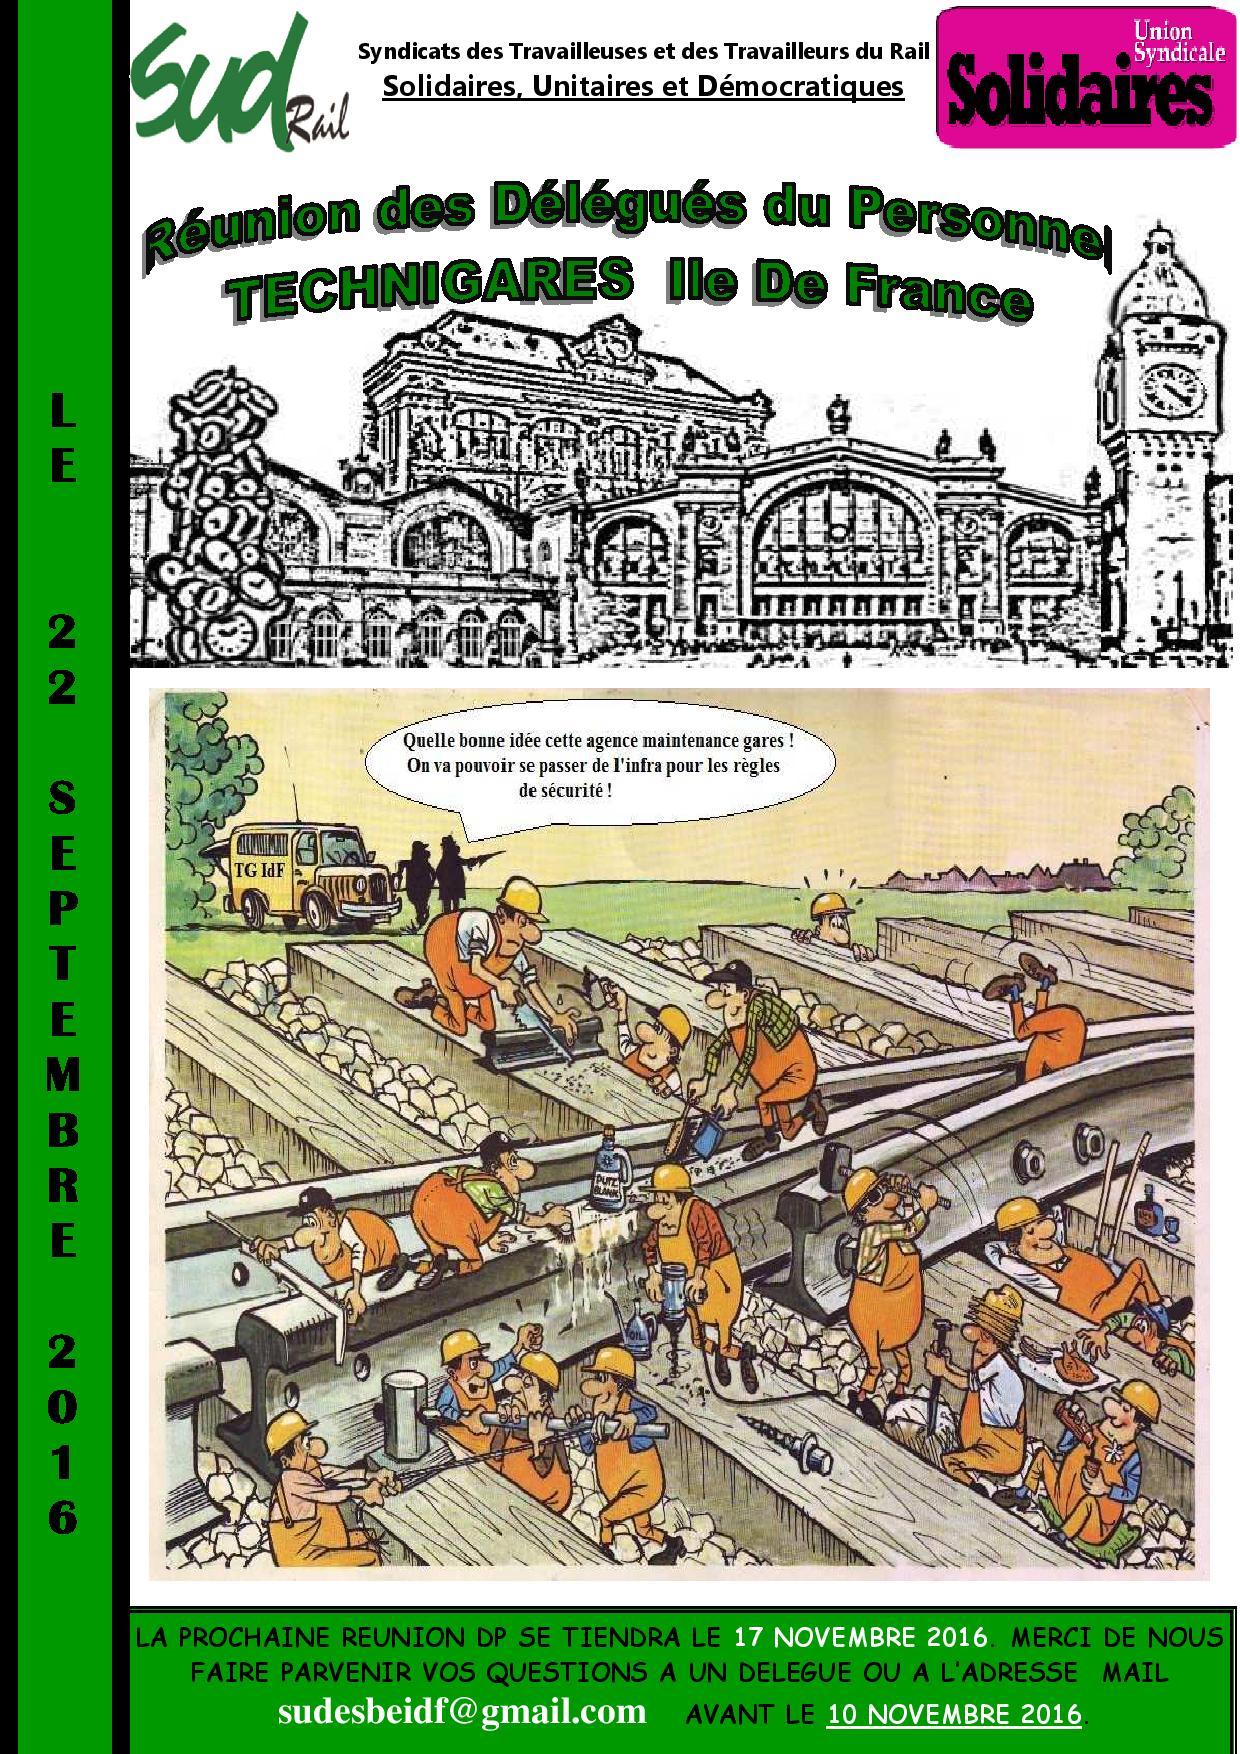 cr-dp-tgidf-22-09-16-page-001